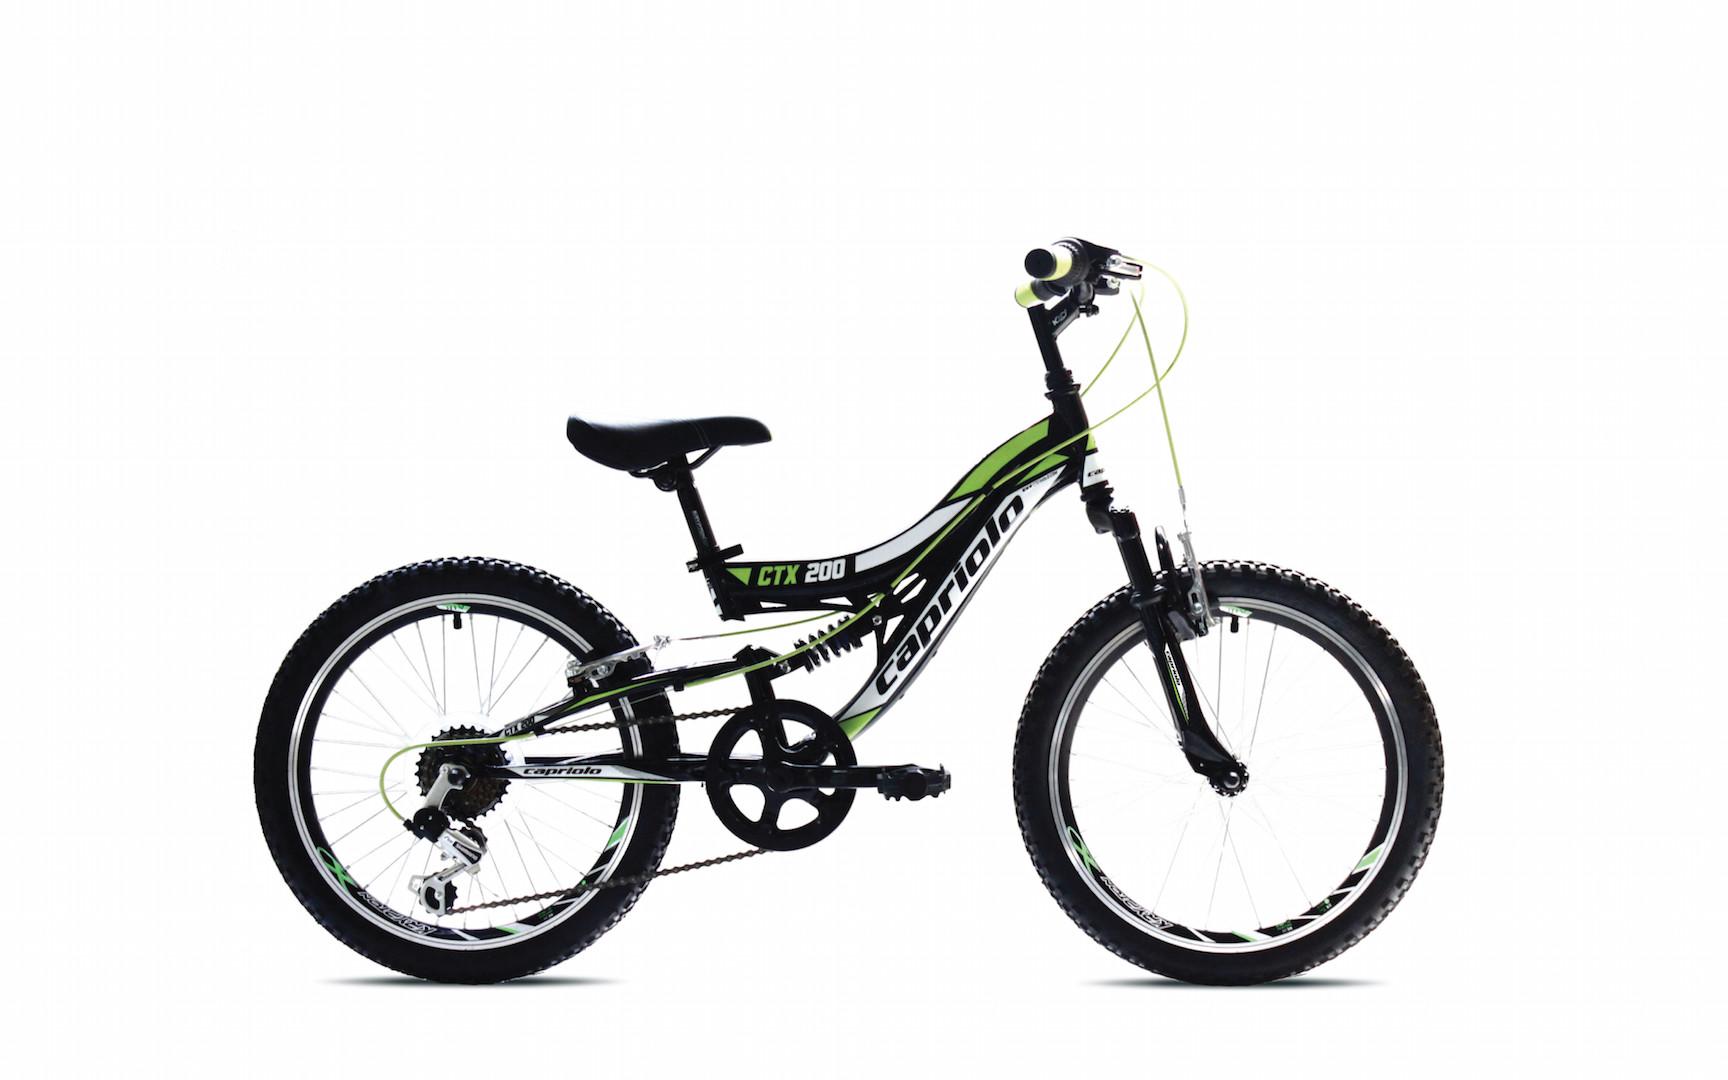 Ctx 200 Black Green